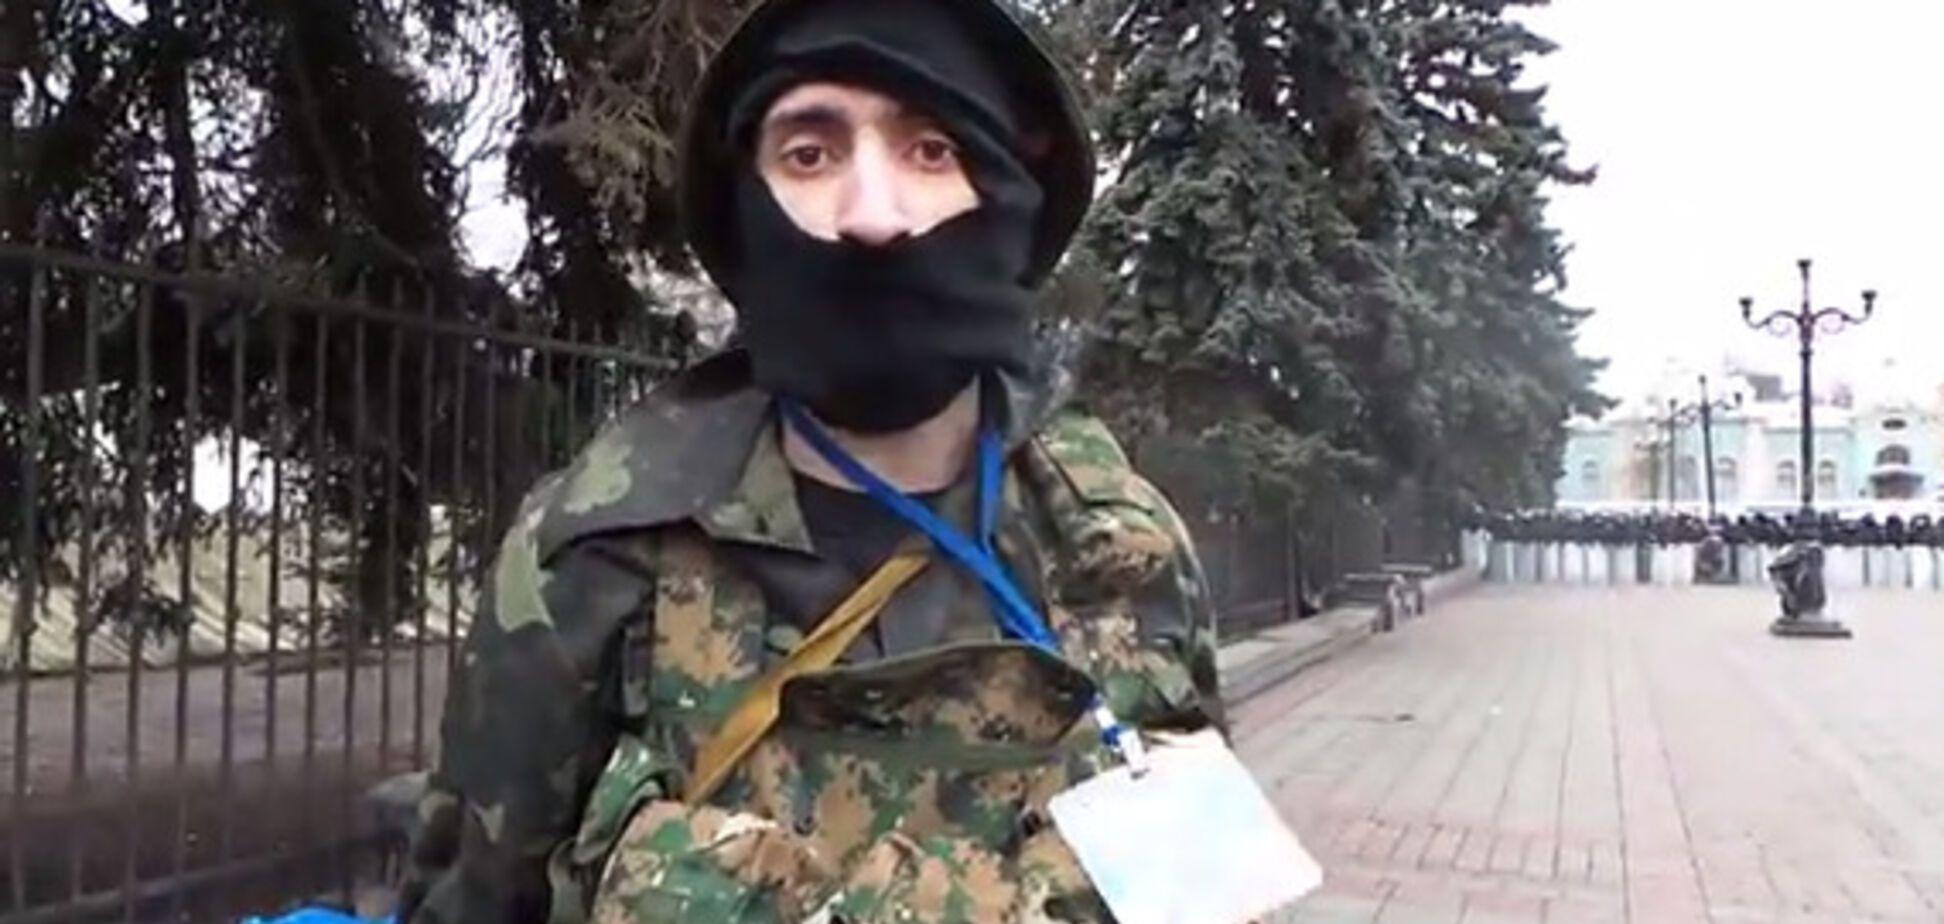 Из серии 'русские своих не бросают': судьба 'героев Новороссии'